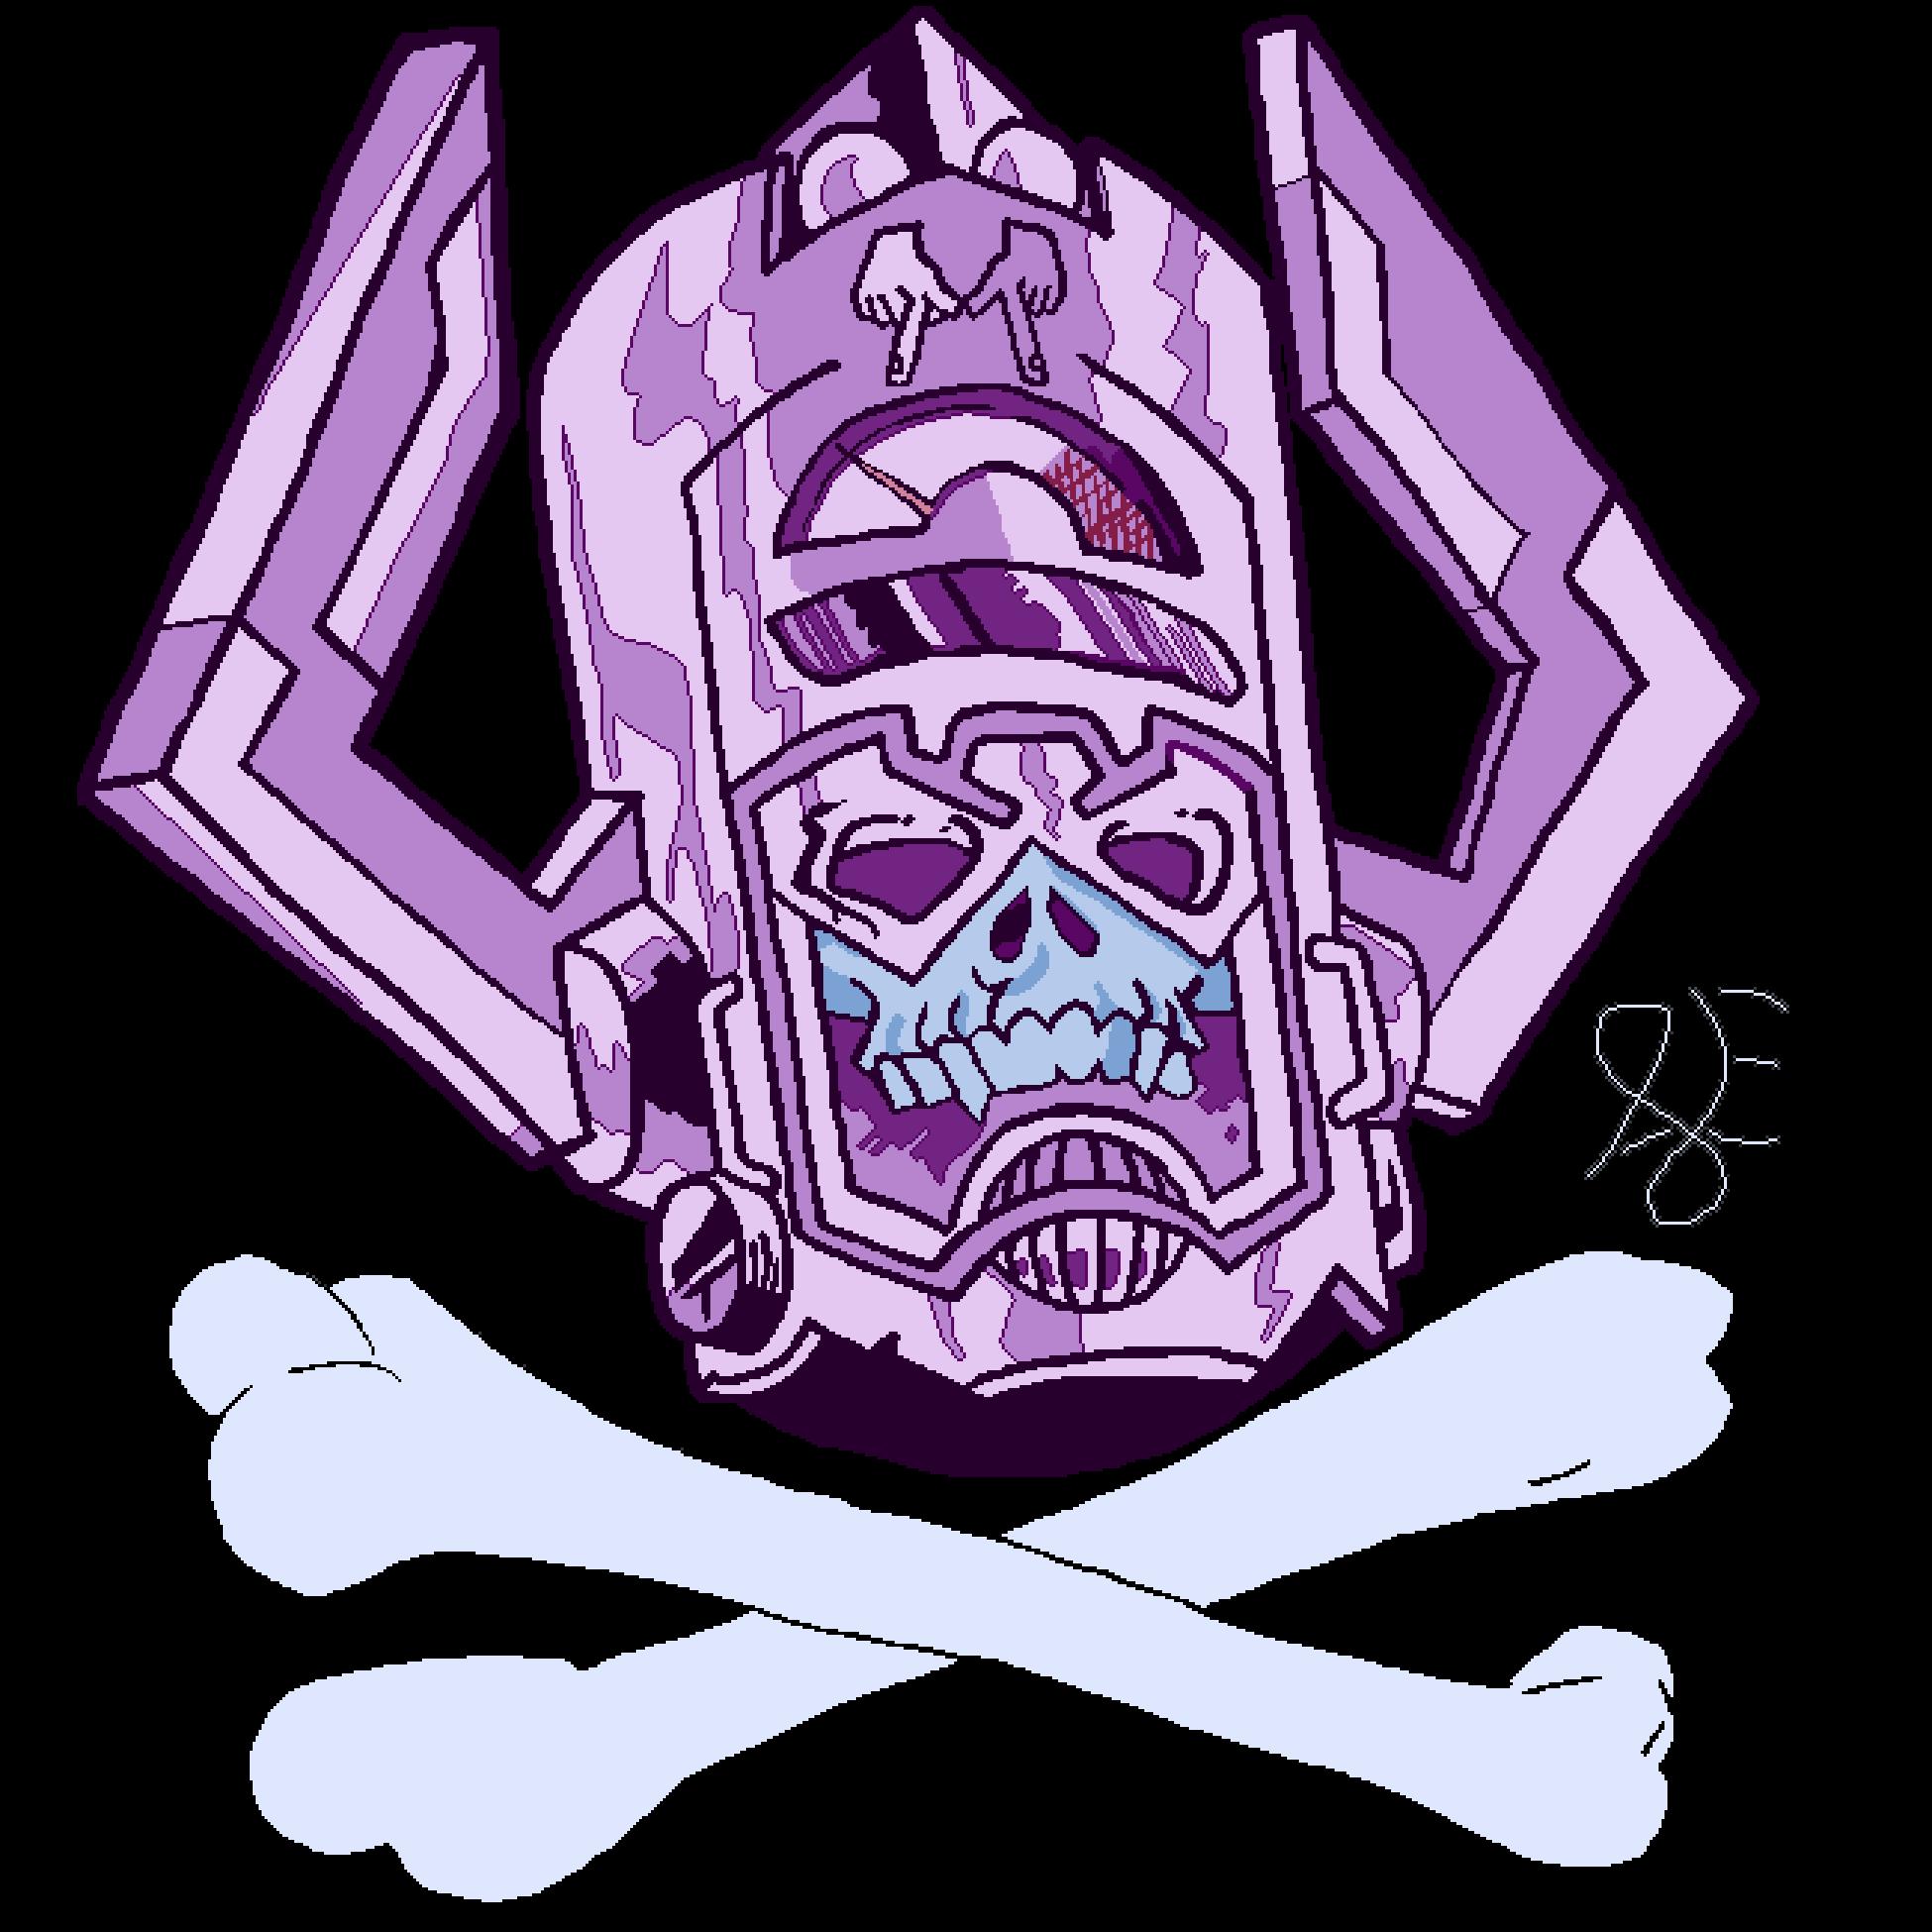 Skullactus